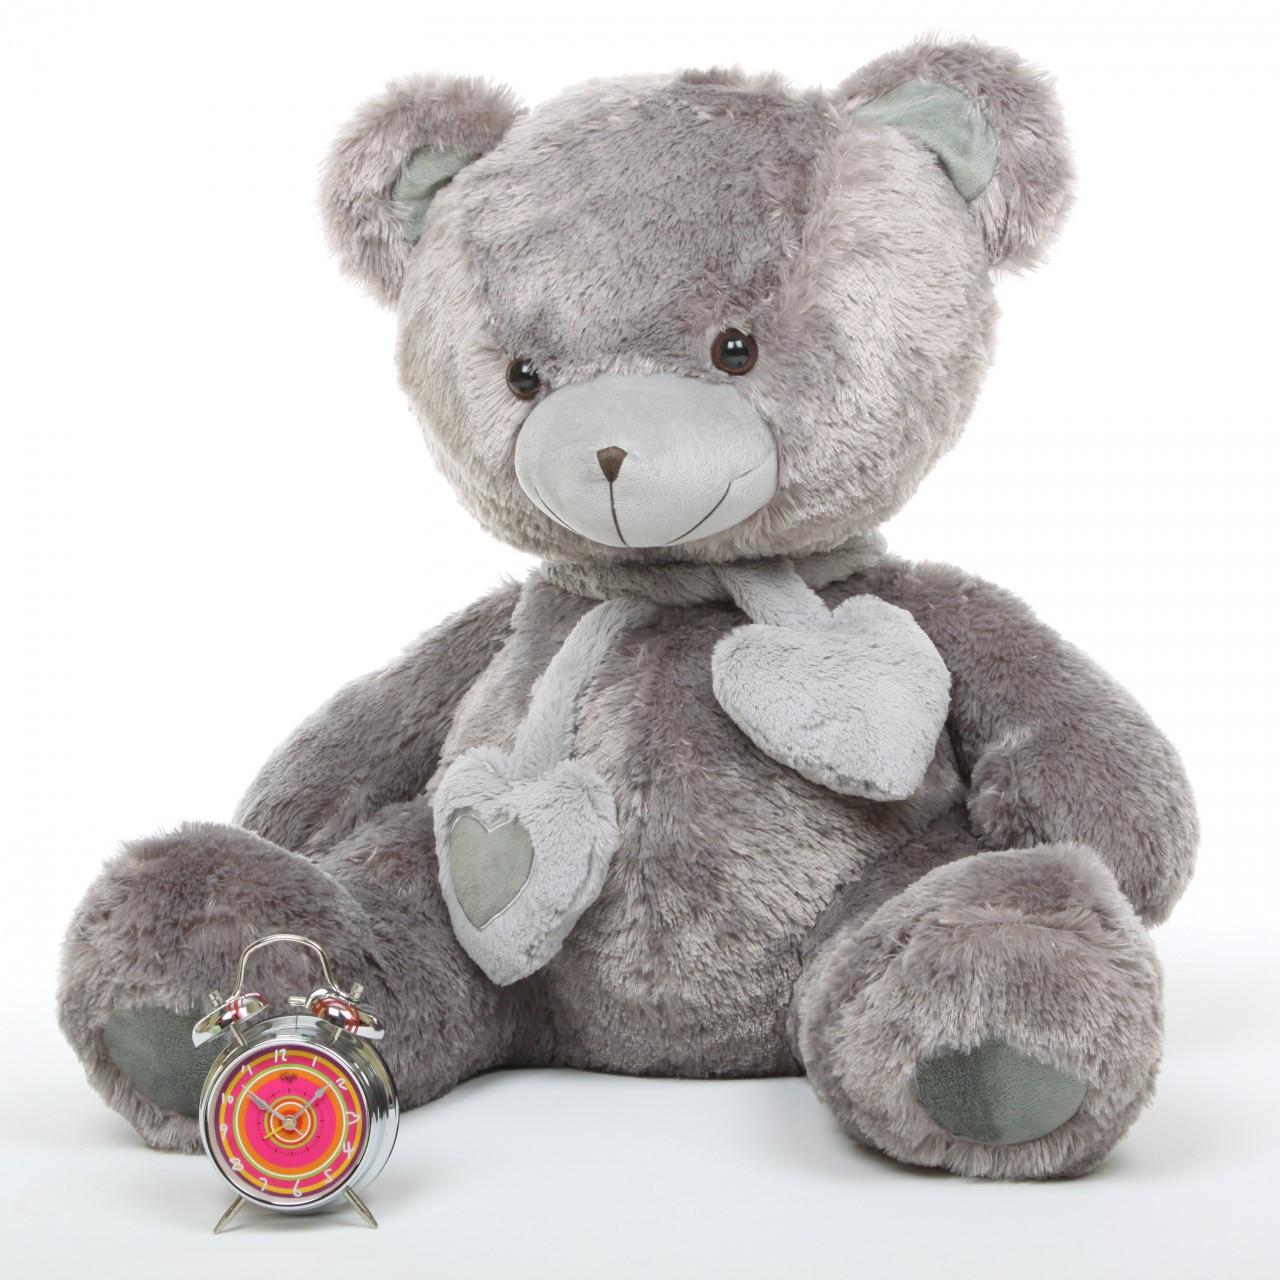 Angel Hugs Plush Silver Grey Heart Teddy Bear 36in